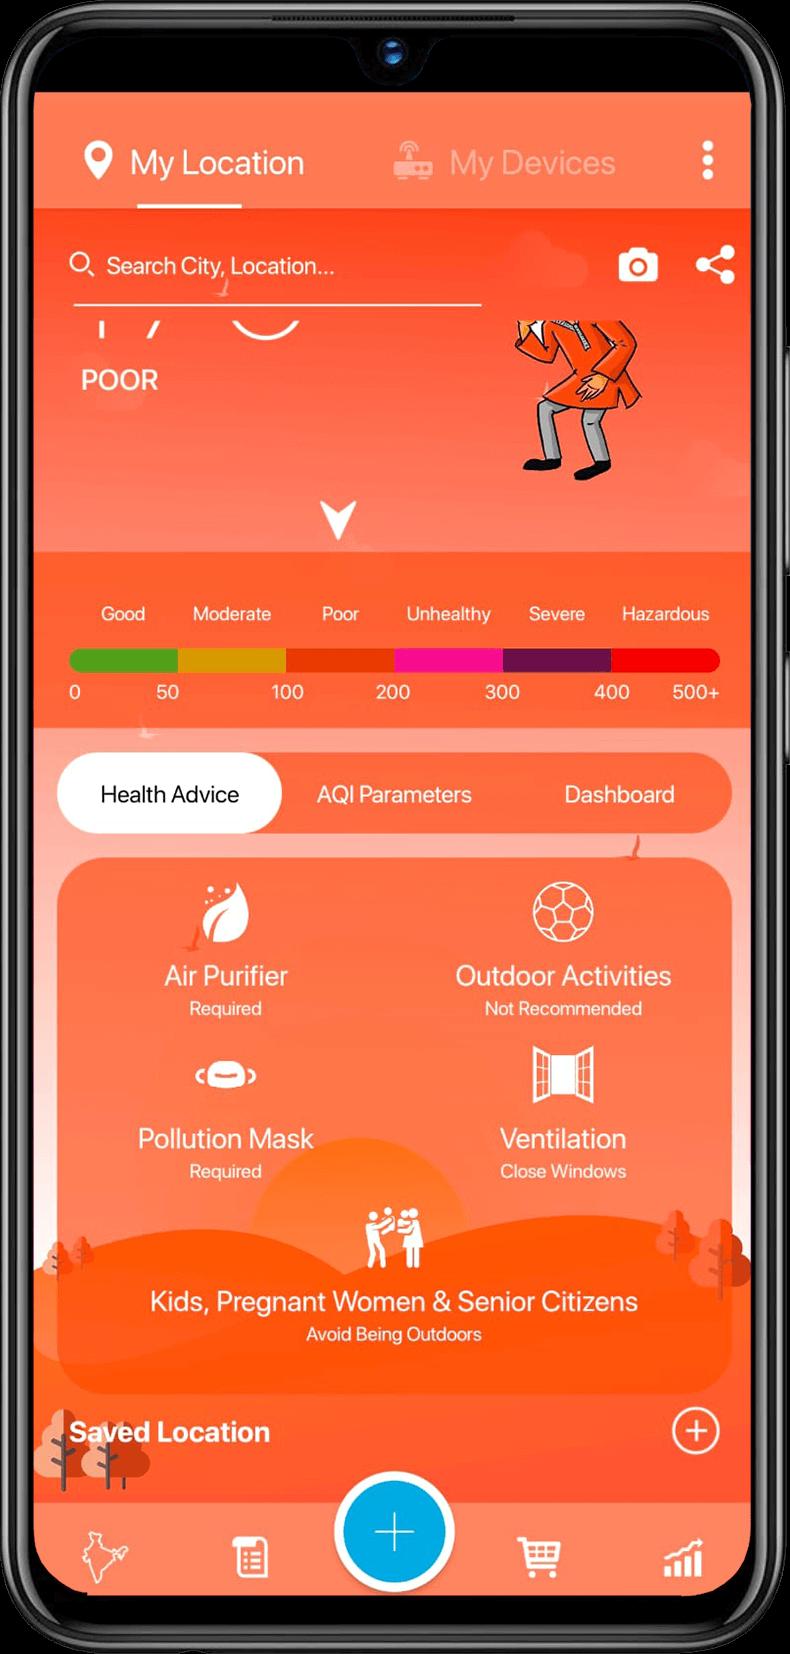 Health Advice for air pollution